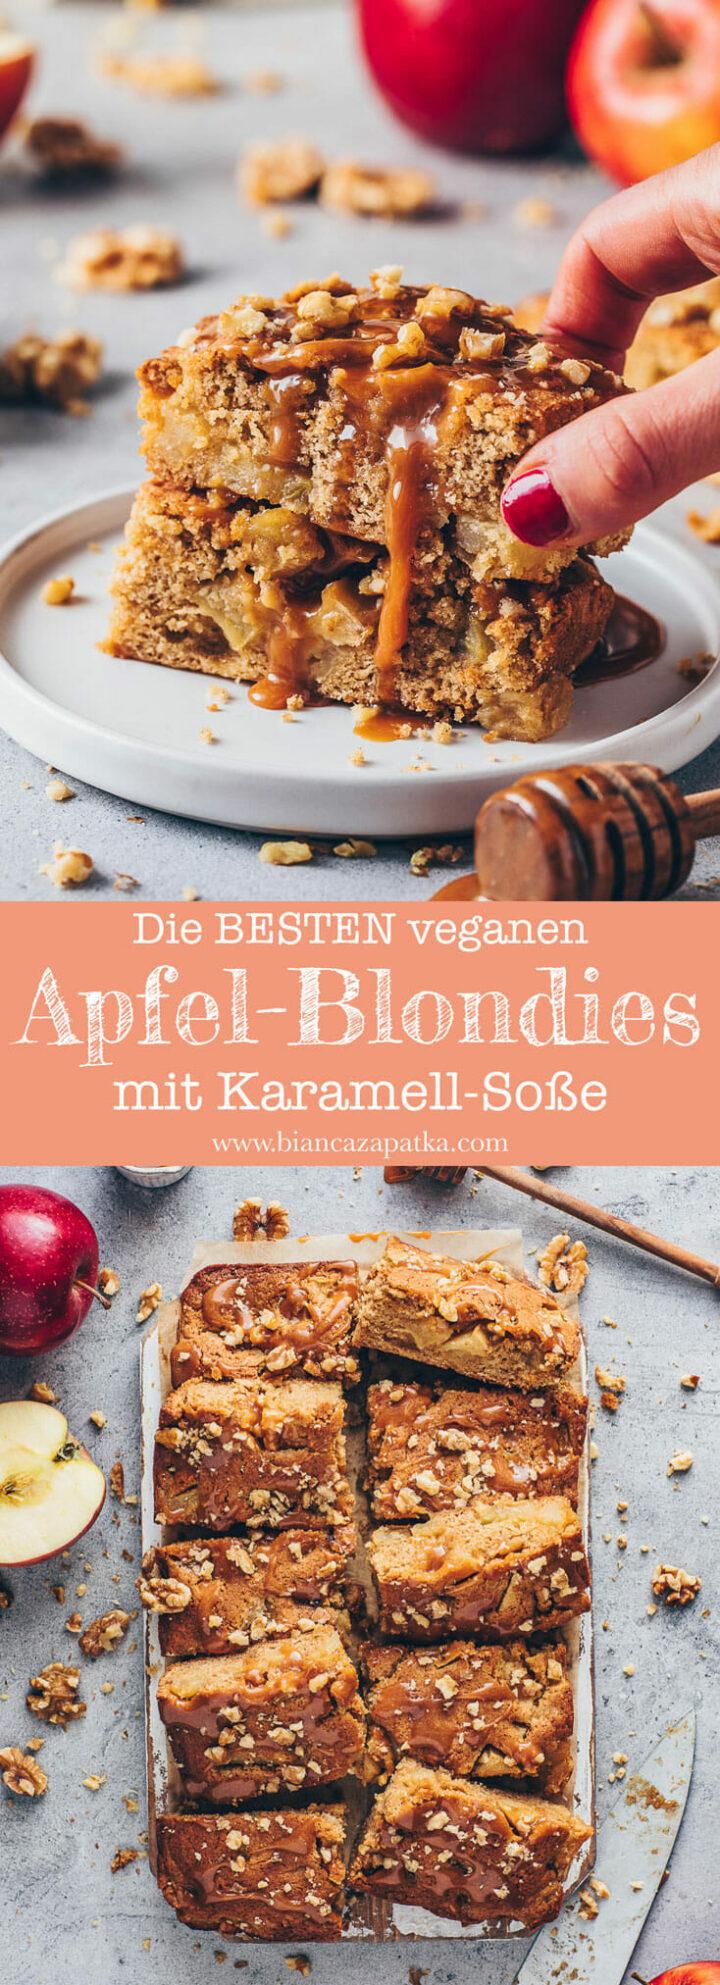 Apfel Blondies mit Karamellsauce und Walnüsse (Food Fotografie)